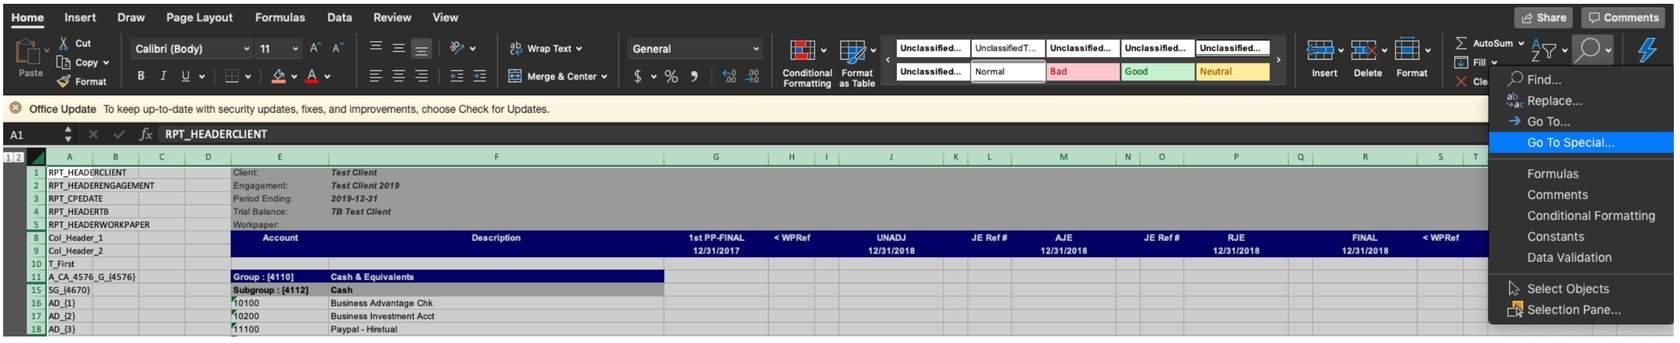 Screen Shot 2020-07-24 at 11.02.55 AM.png